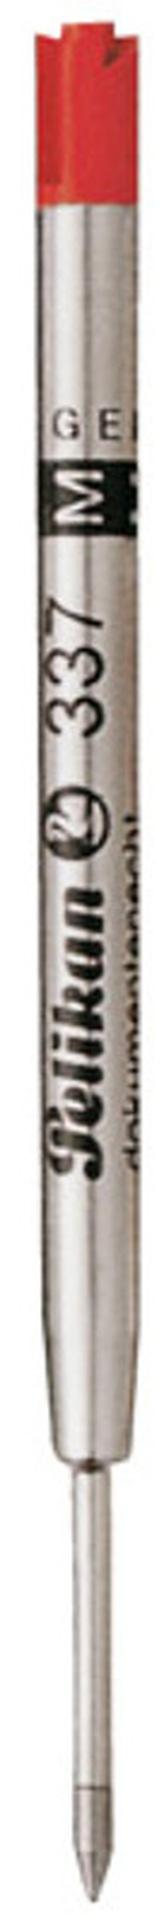 Náplň do kuličkového pera Pelikan 337 M